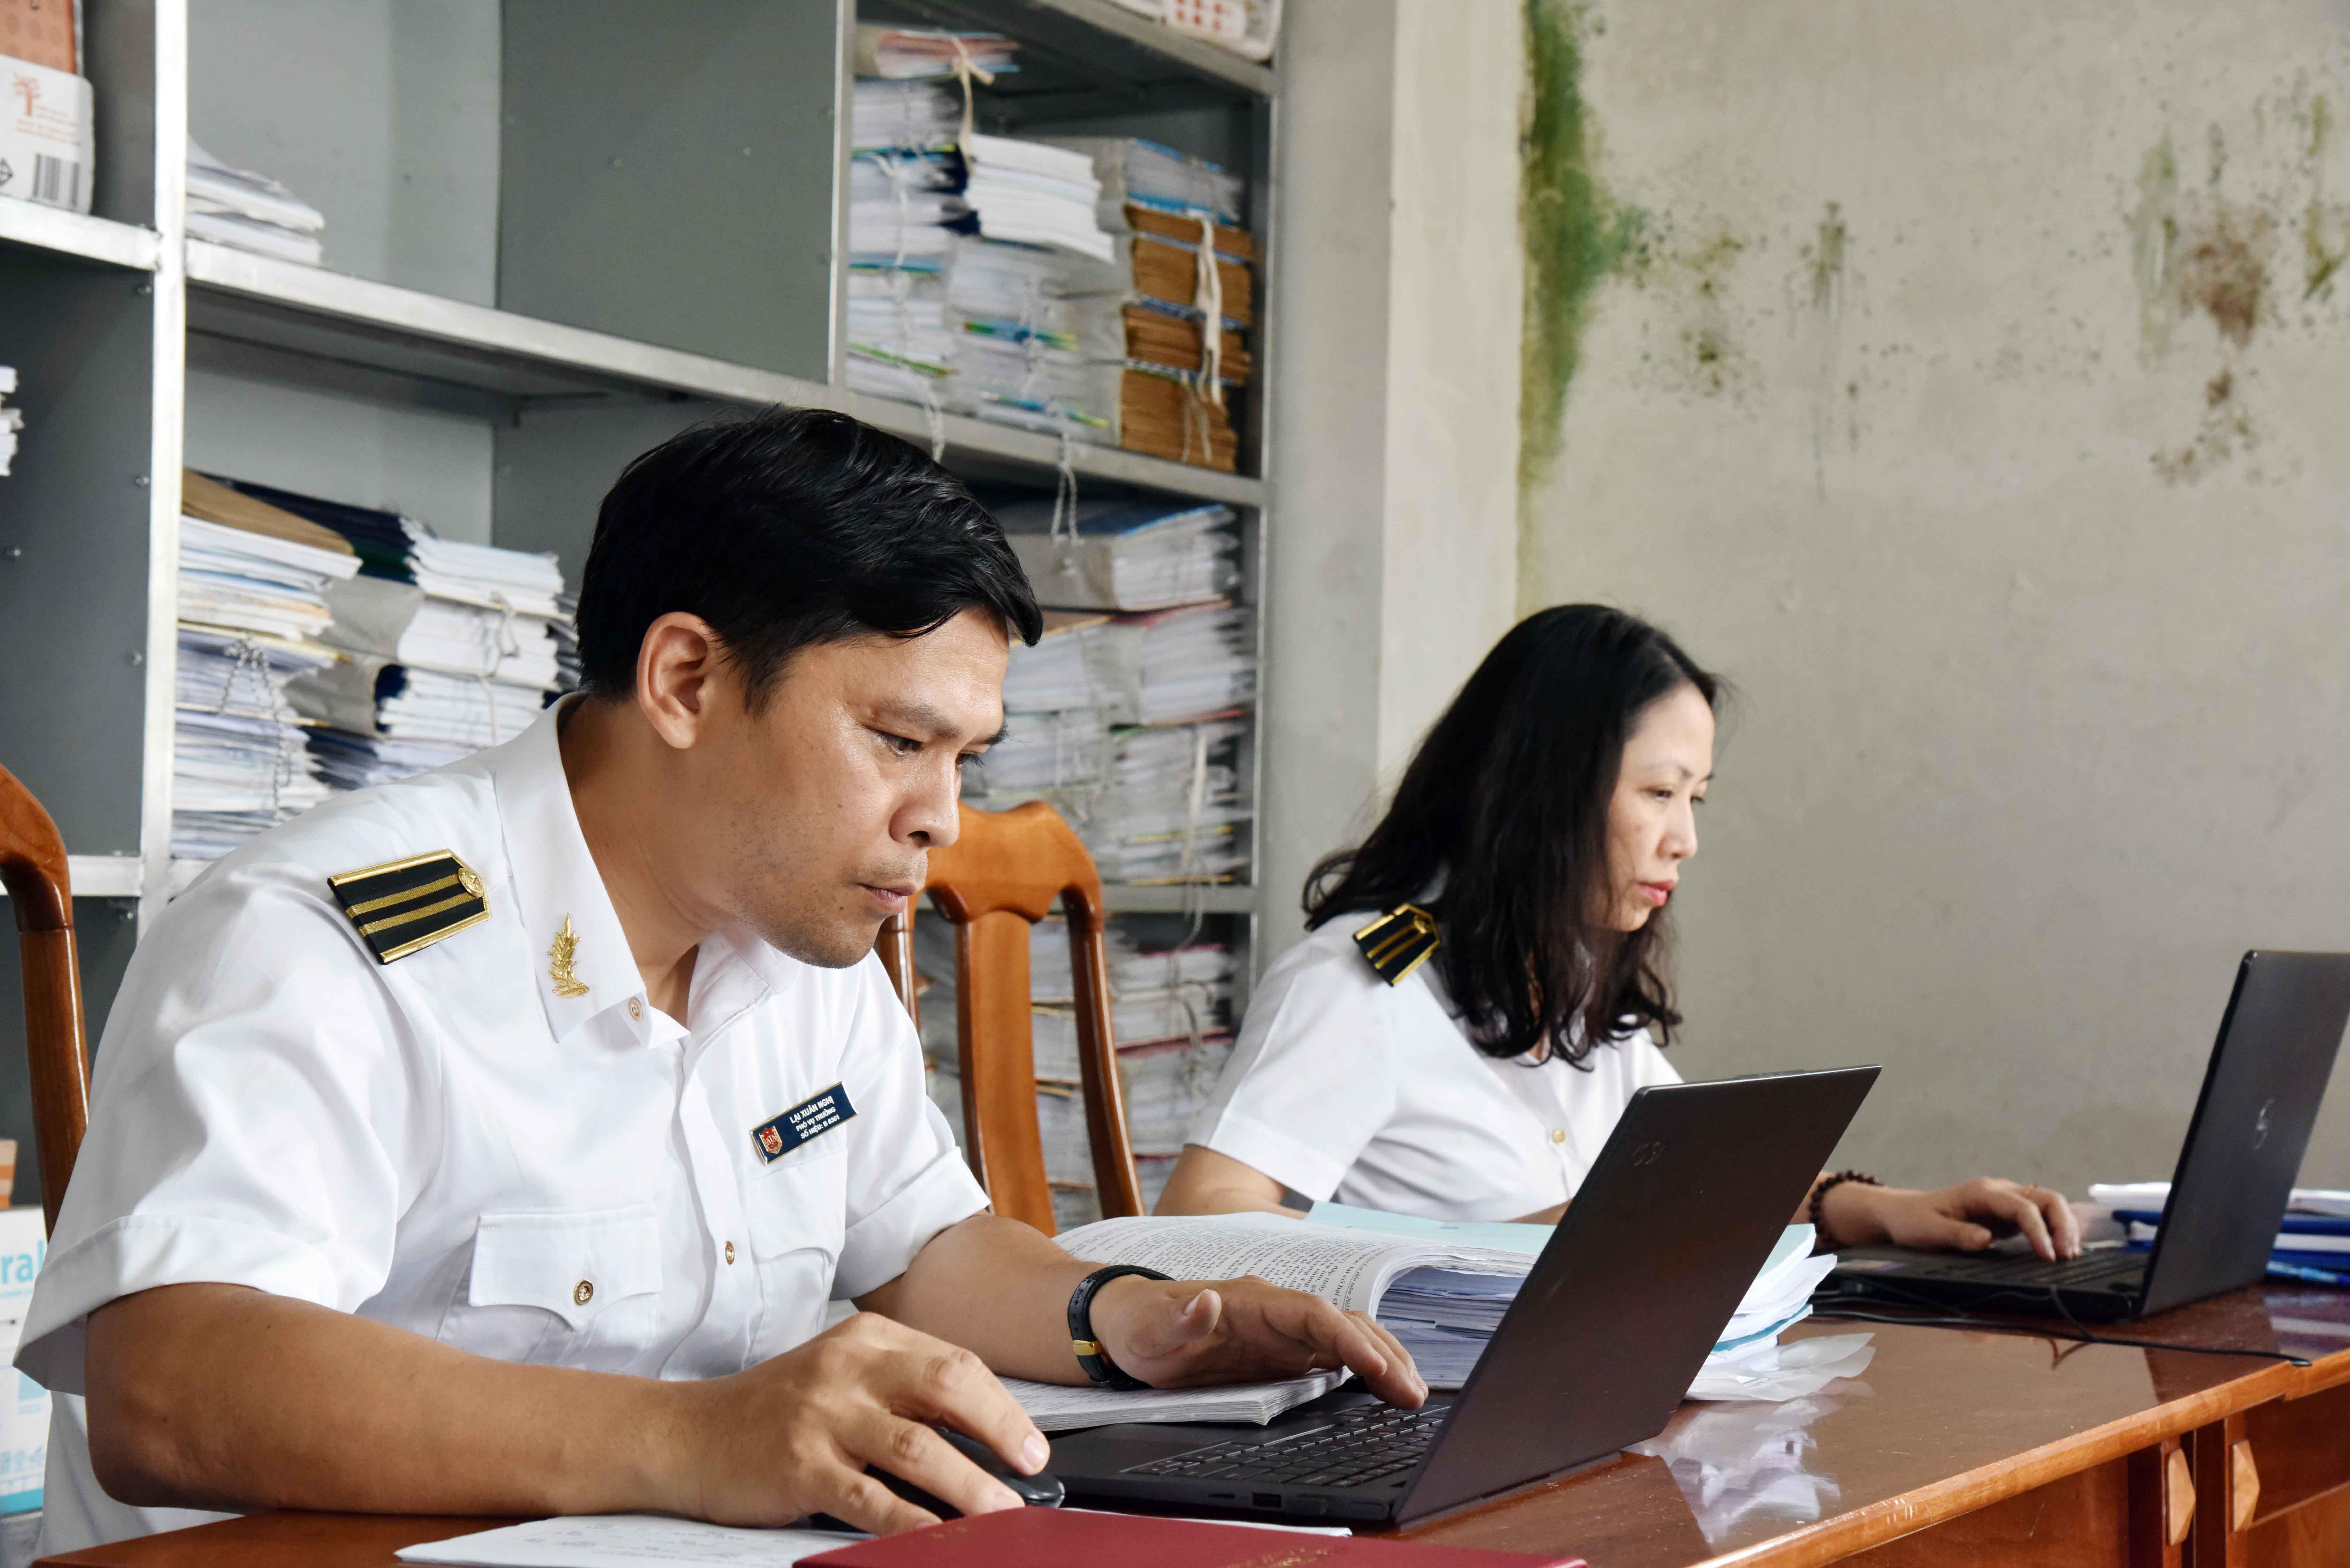 Linh hoạt trong xây dựng, điều chỉnh kế hoạch kiểm toán phù hợp với tình hình dịch bệnh